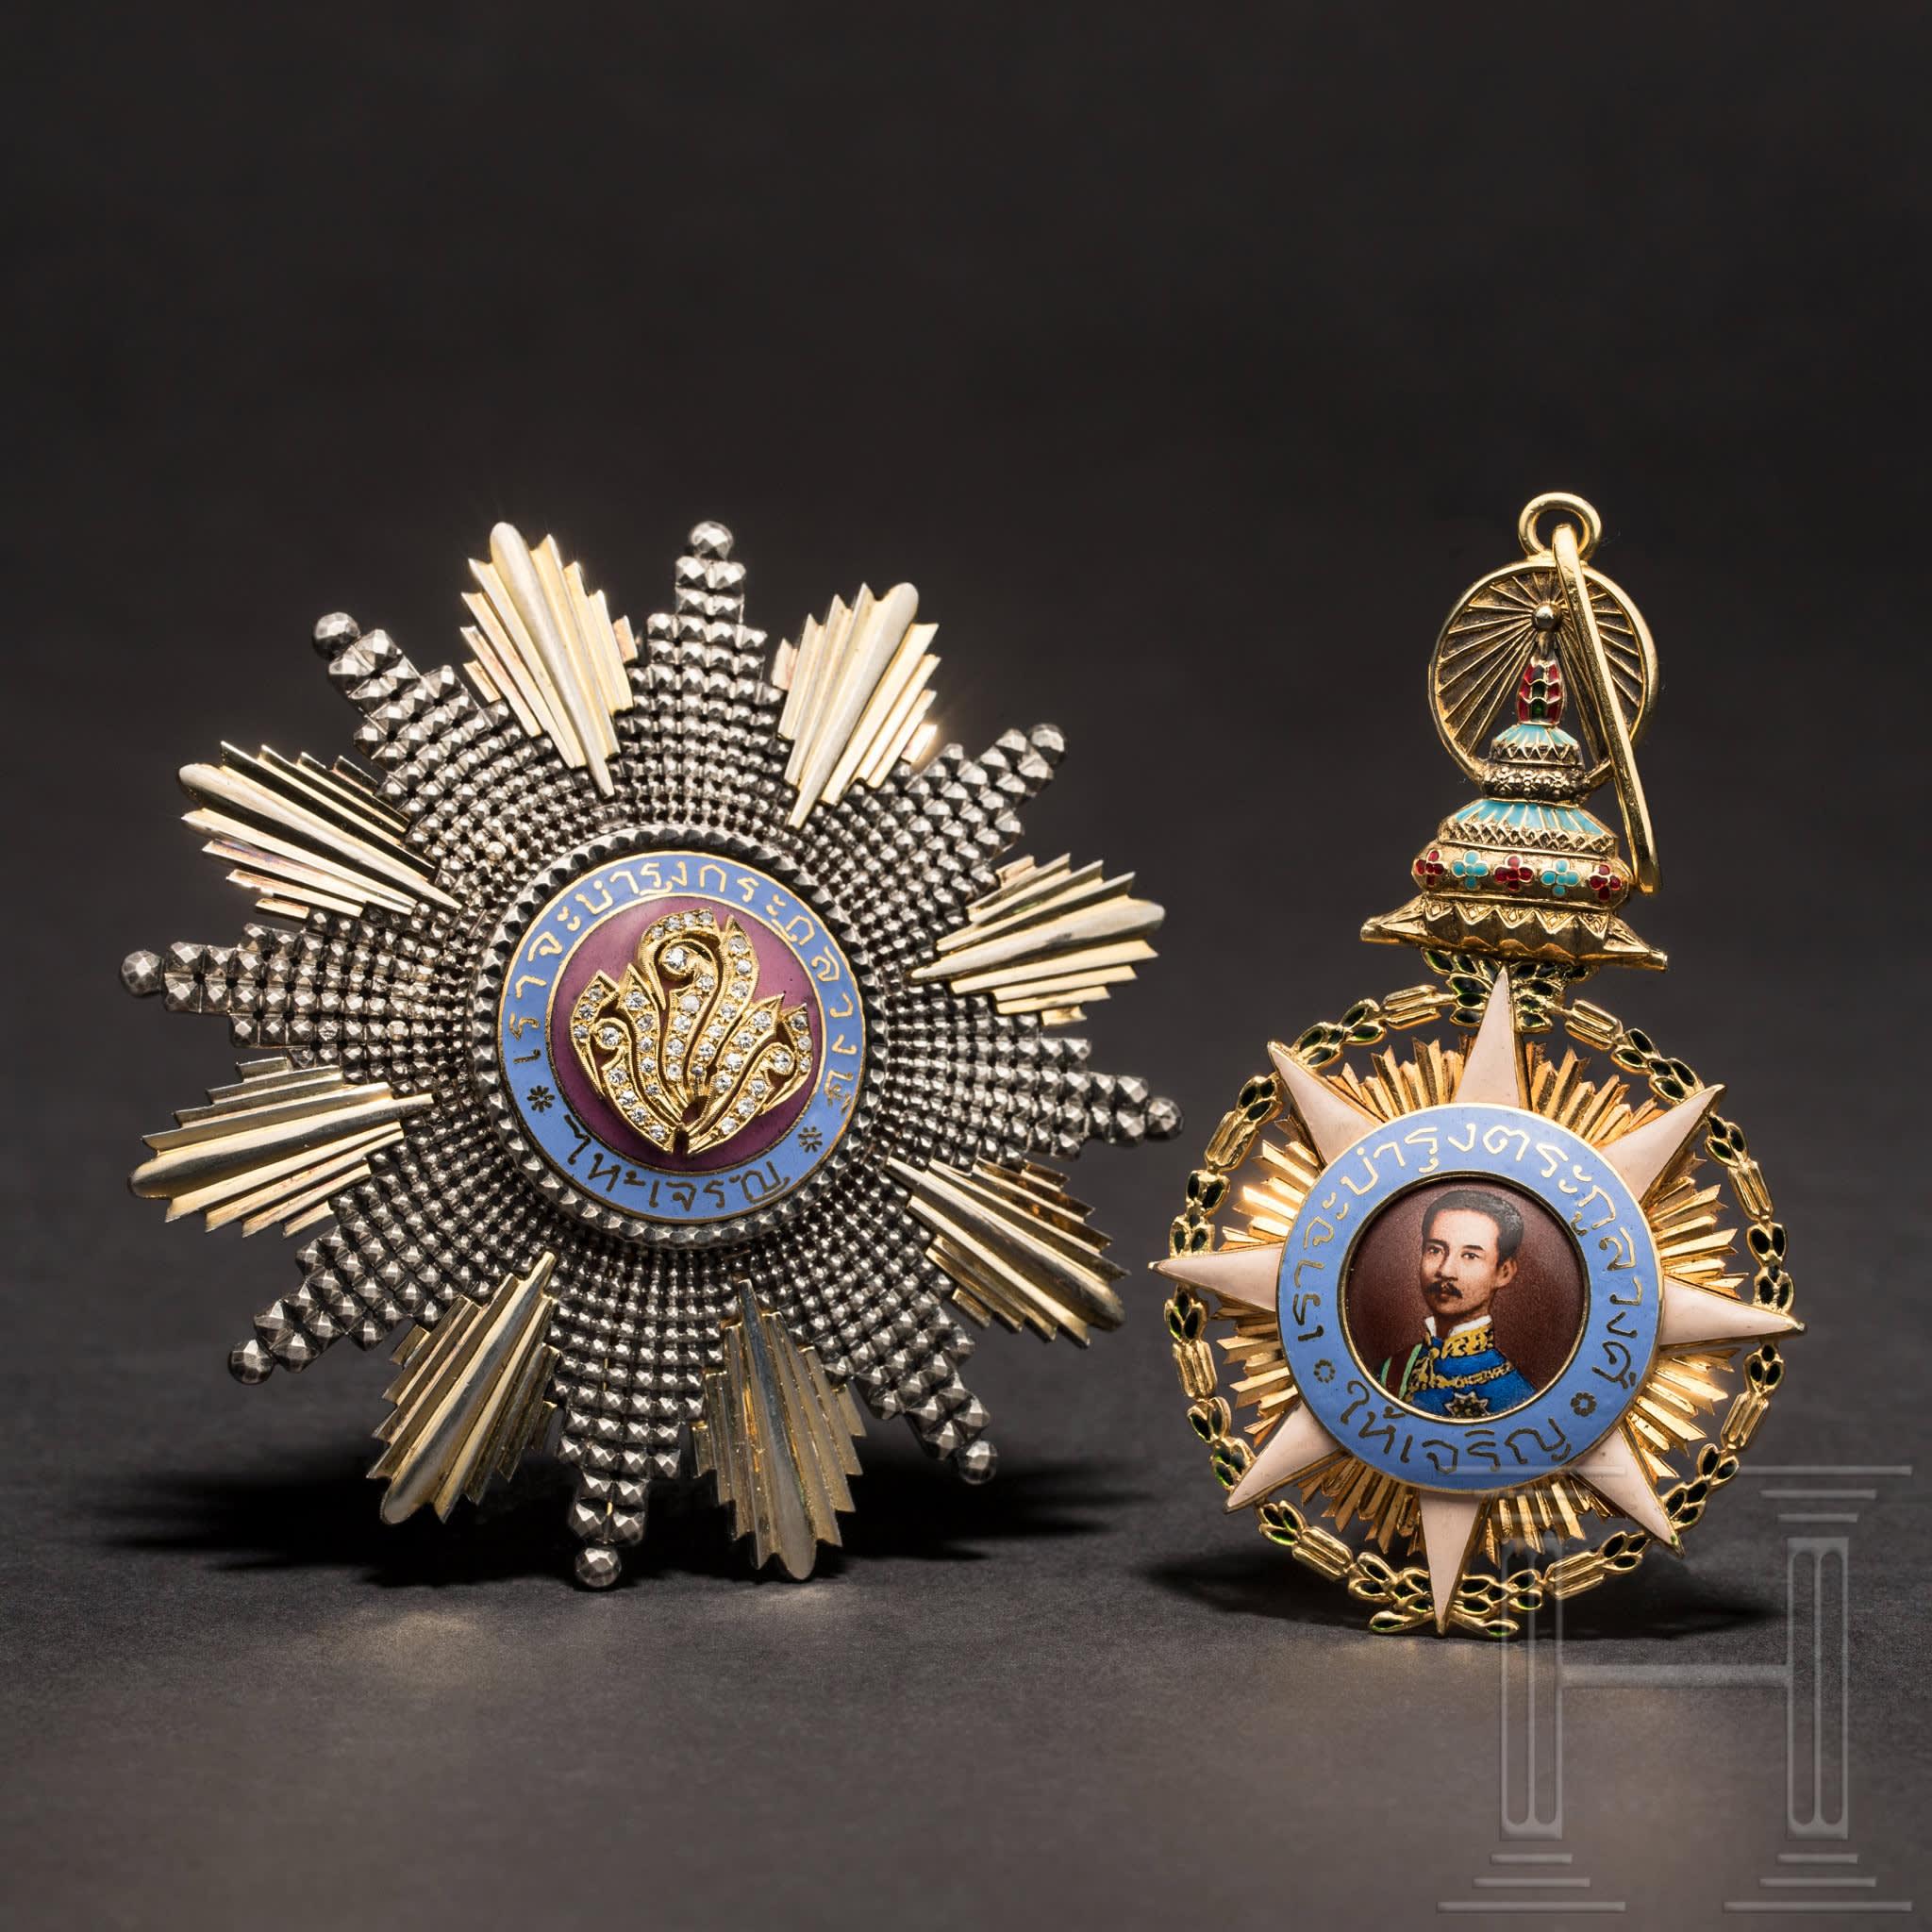 Set de médailles de l'Ordre de Chula Chom Klao, 1ère classe, image ©Hermann Historica